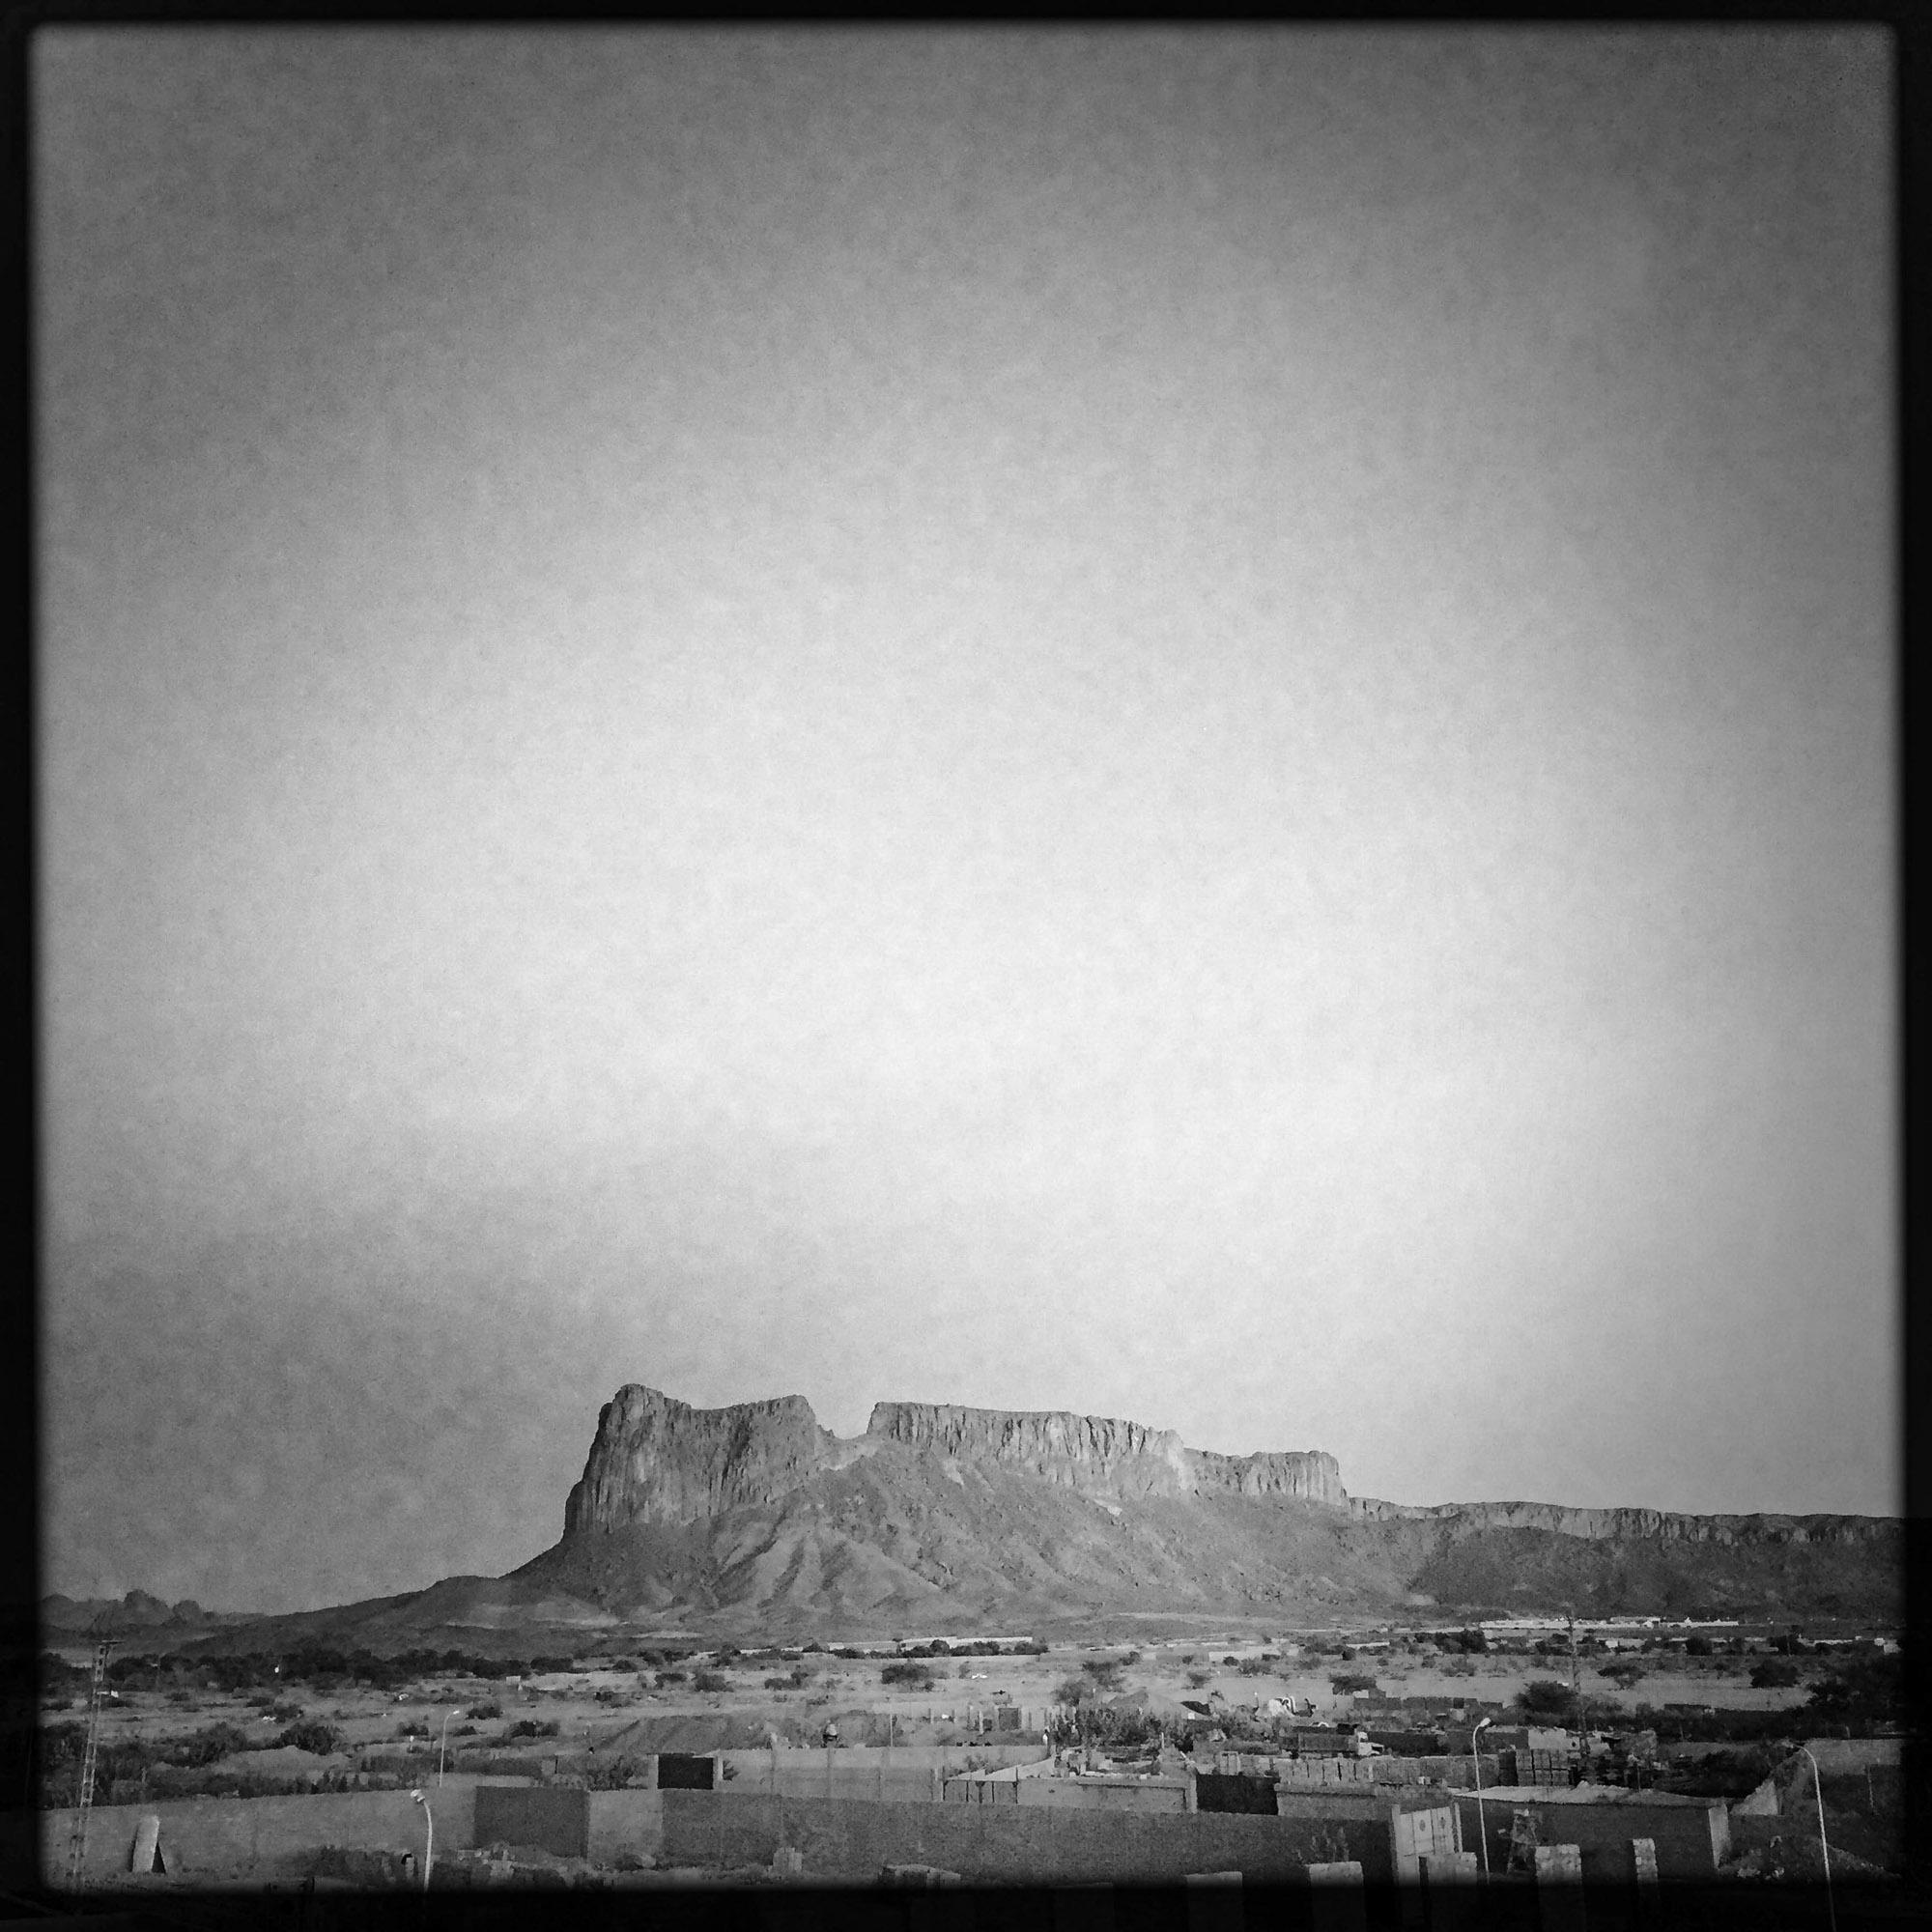 View the outskirts of the town of Tamanrasset which is south of Algeria, in the mountains of the Hoggar to 1400 m altitude. This city is located in the heart of the Sahara , the biggest hot desert in the world.                  Vue sur la périphérie de la ville de Tamanrasset qui est au sud de l'Algérie, dans la chaîne montagneuse du Hoggar à 1 400 m d'altitude. Cette ville se situe en plein cœur du Sahara, le plus grand désert chaud au monde. 5/02/2016, Tamanrasset-ALGERIE.